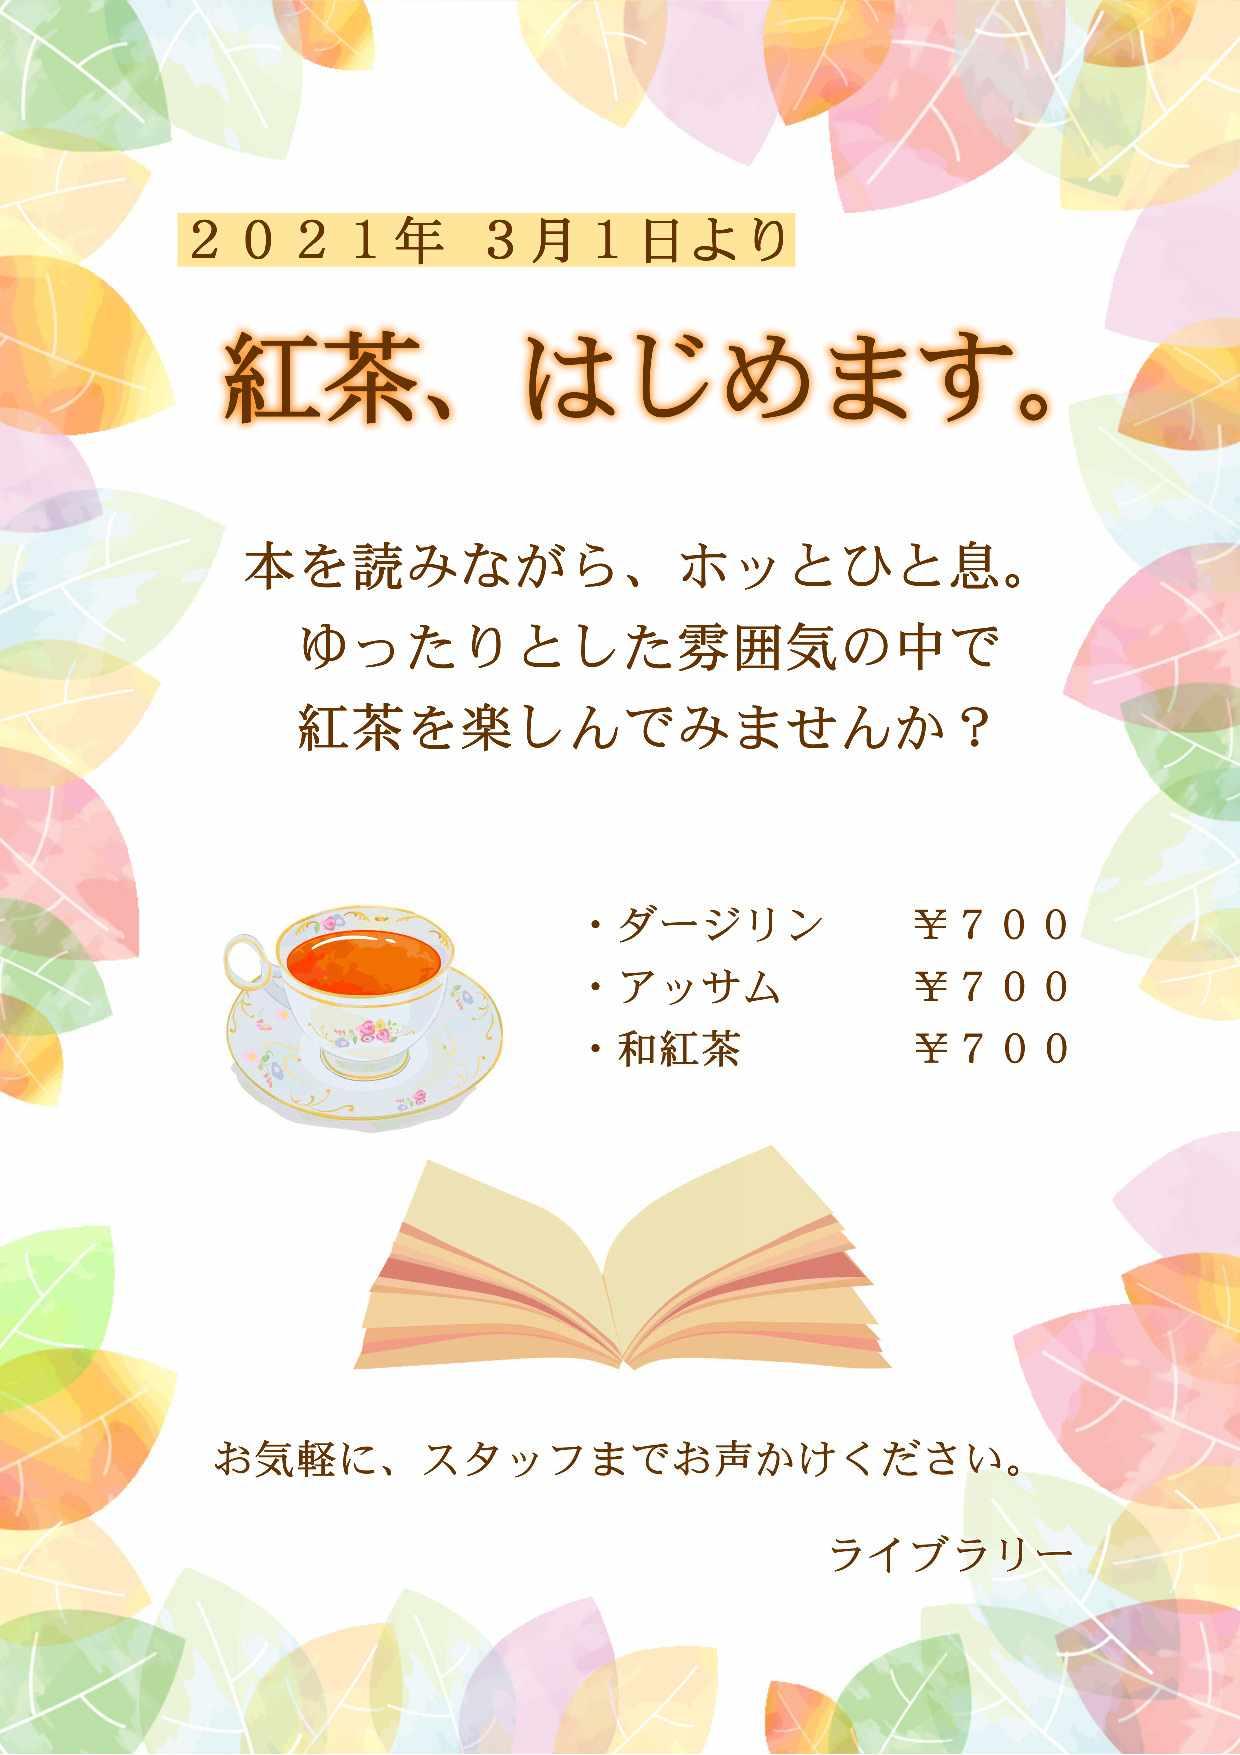 紅茶のご提供